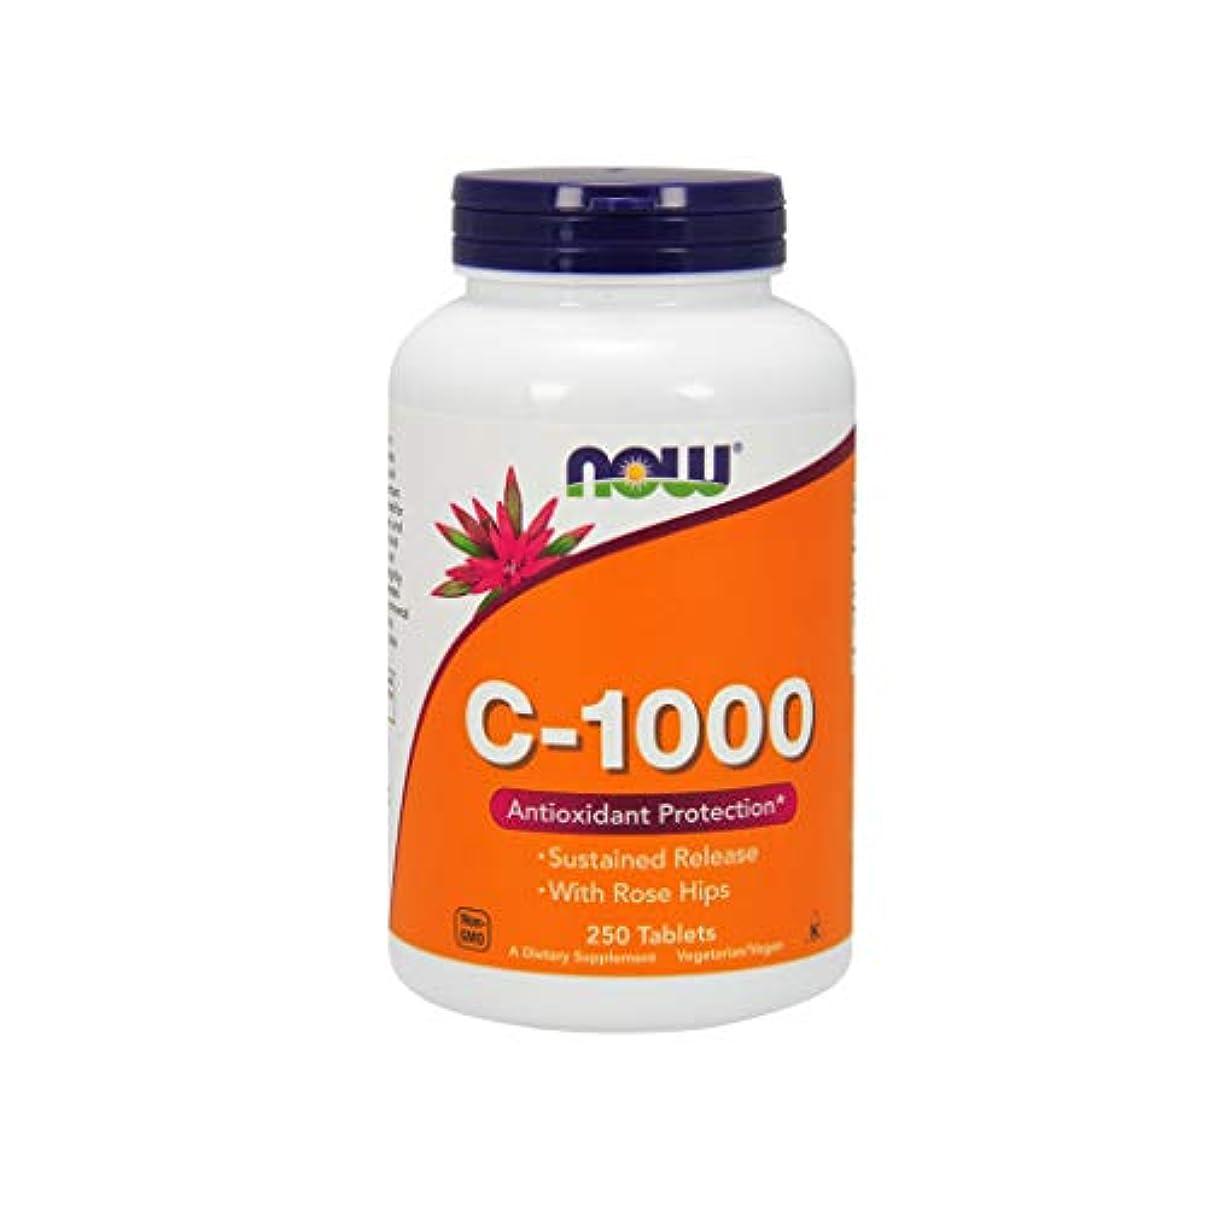 快い浪費通り抜ける[海外直送品] ナウフーズ  - バラの実が付いているビタミンC1000の時間解放 - 250錠剤